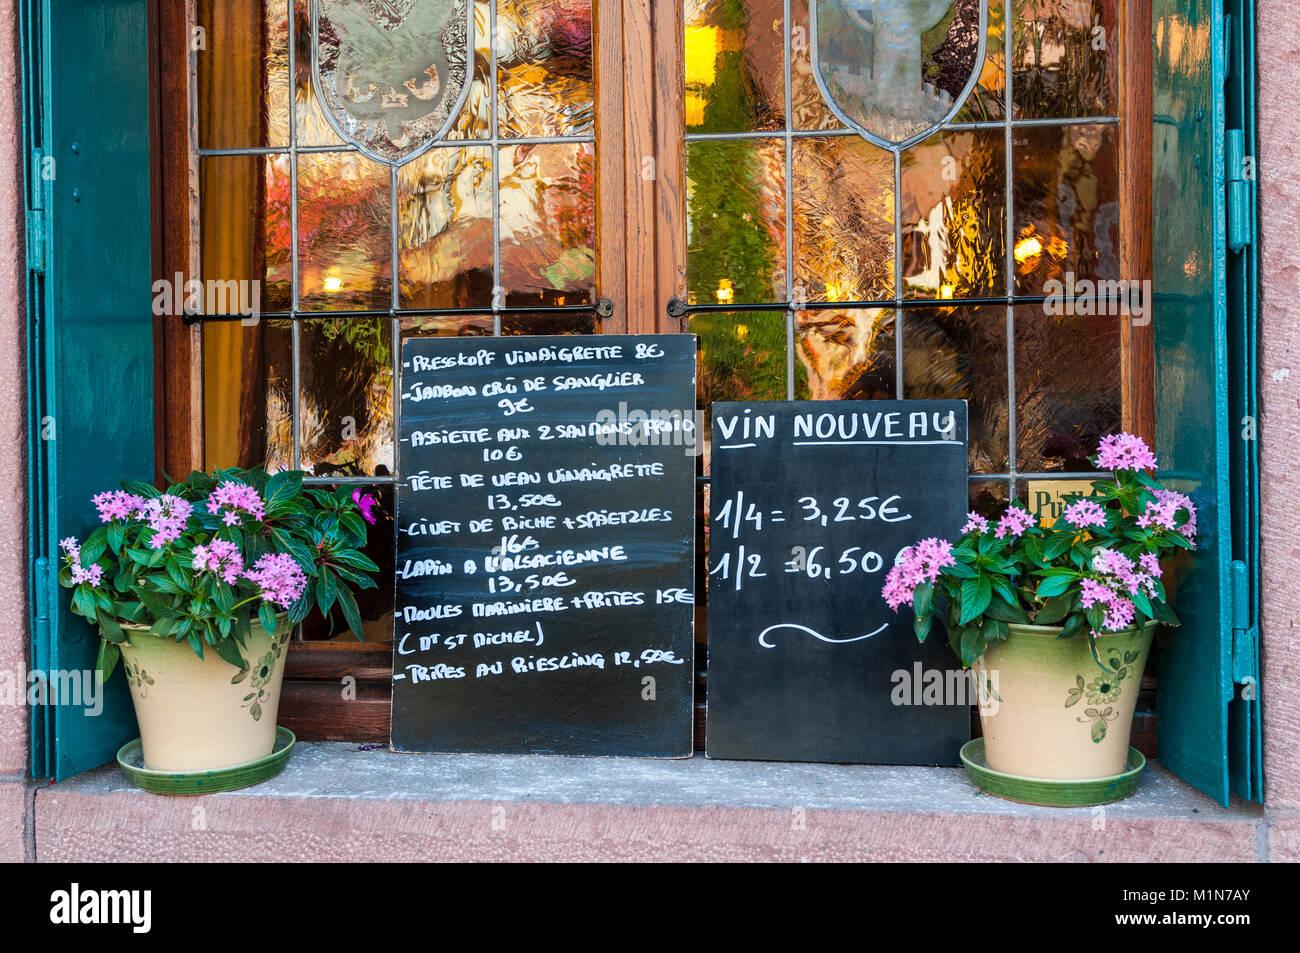 Elsass Frankreich Tafel Menüs der Anzeige lokaler Spezialitäten und vin nouveau außerhalb typischer Stockbild